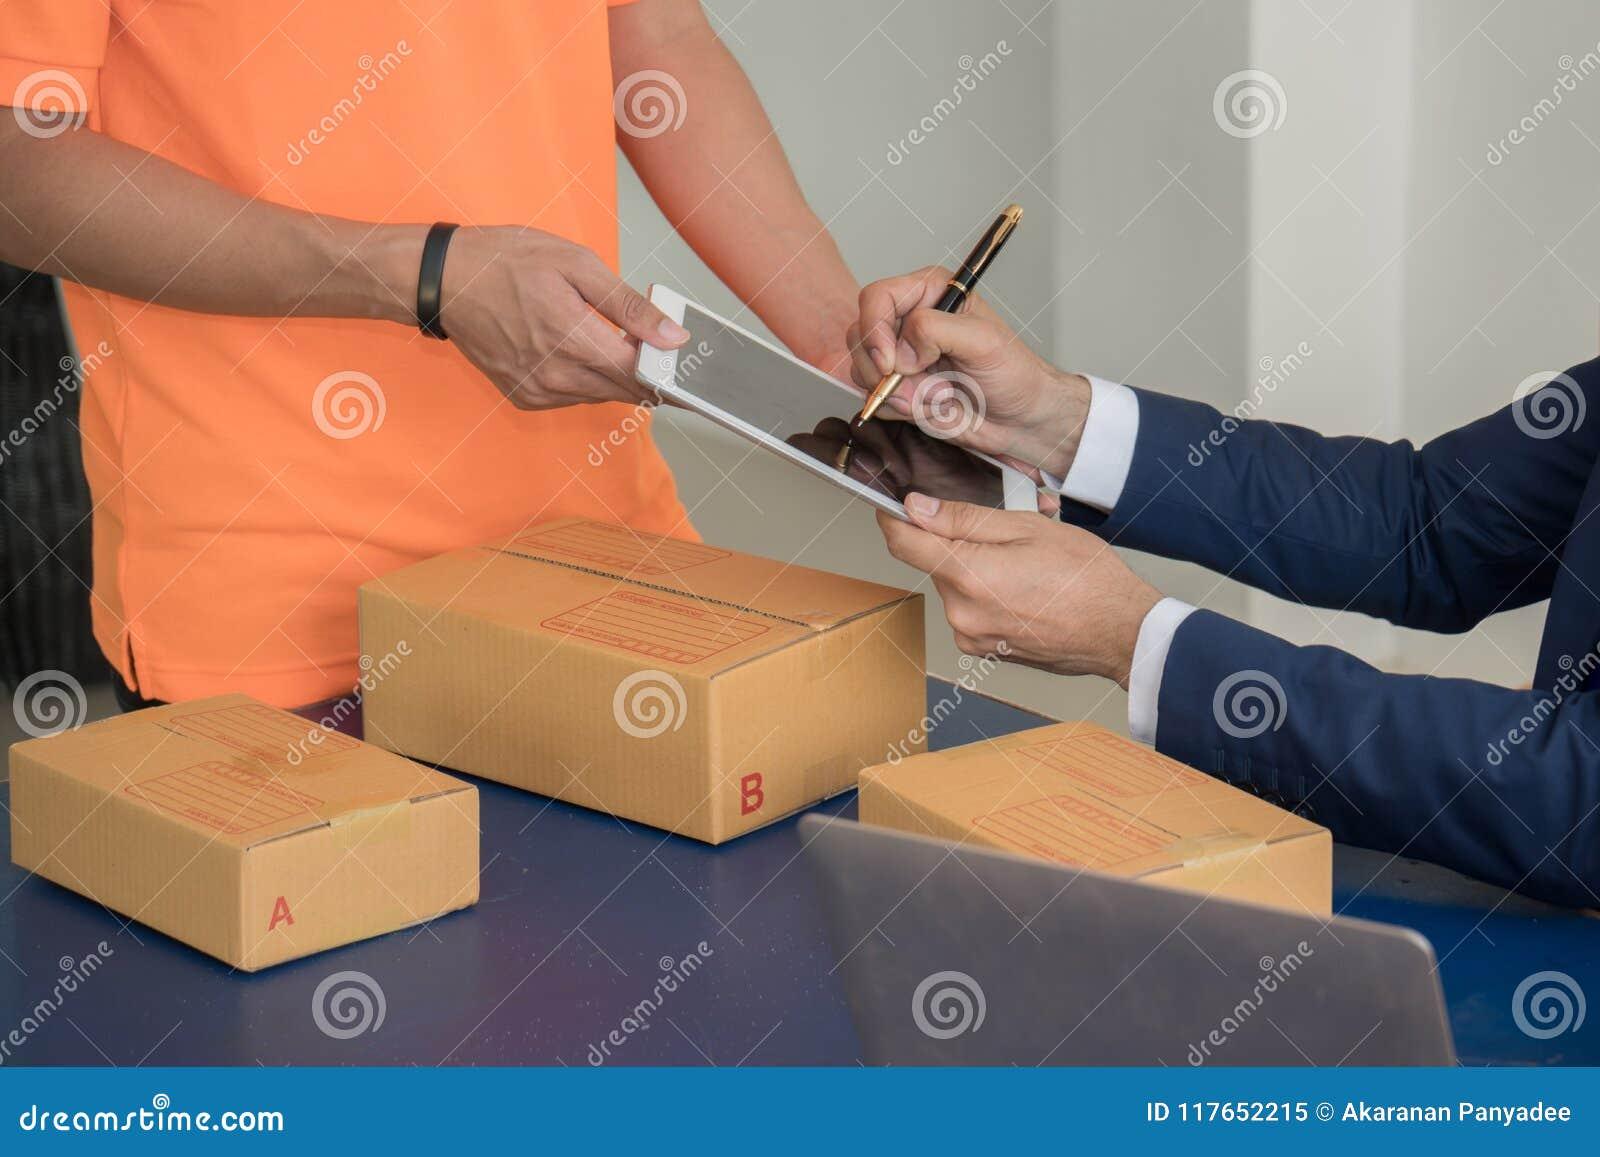 Unterzeichnende Dokumente des Geschäftsmannes, nachdem Waren vom Befreier empfangen worden sind